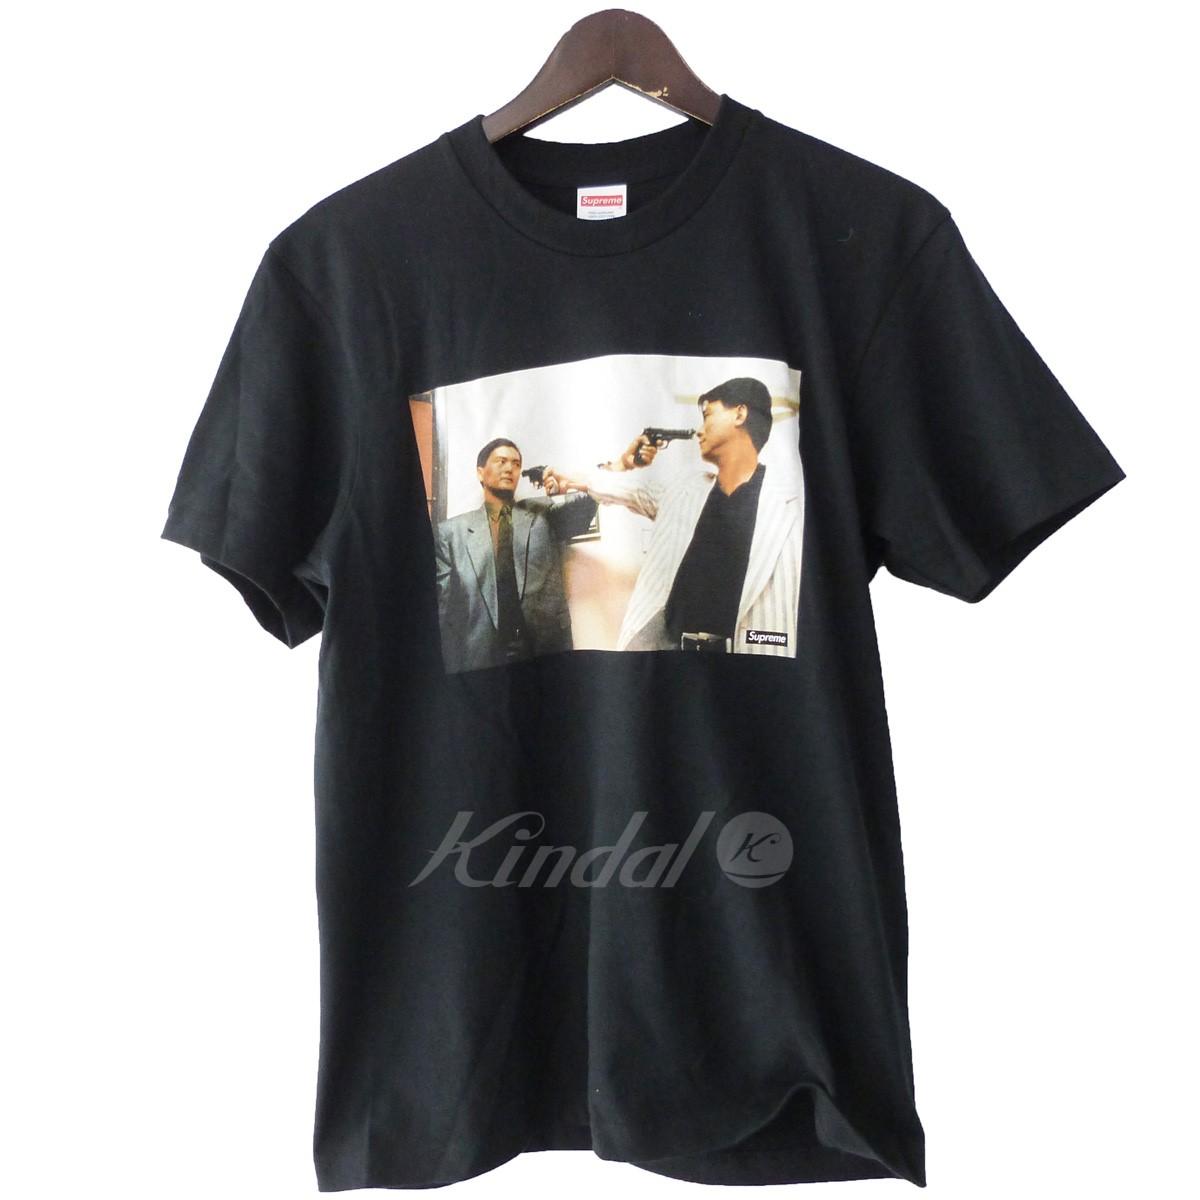 【中古】SUPREME 18AW「The Killer Trust Tee」キラートラストTシャツ 【送料無料】 【152068】 【KIND1550】